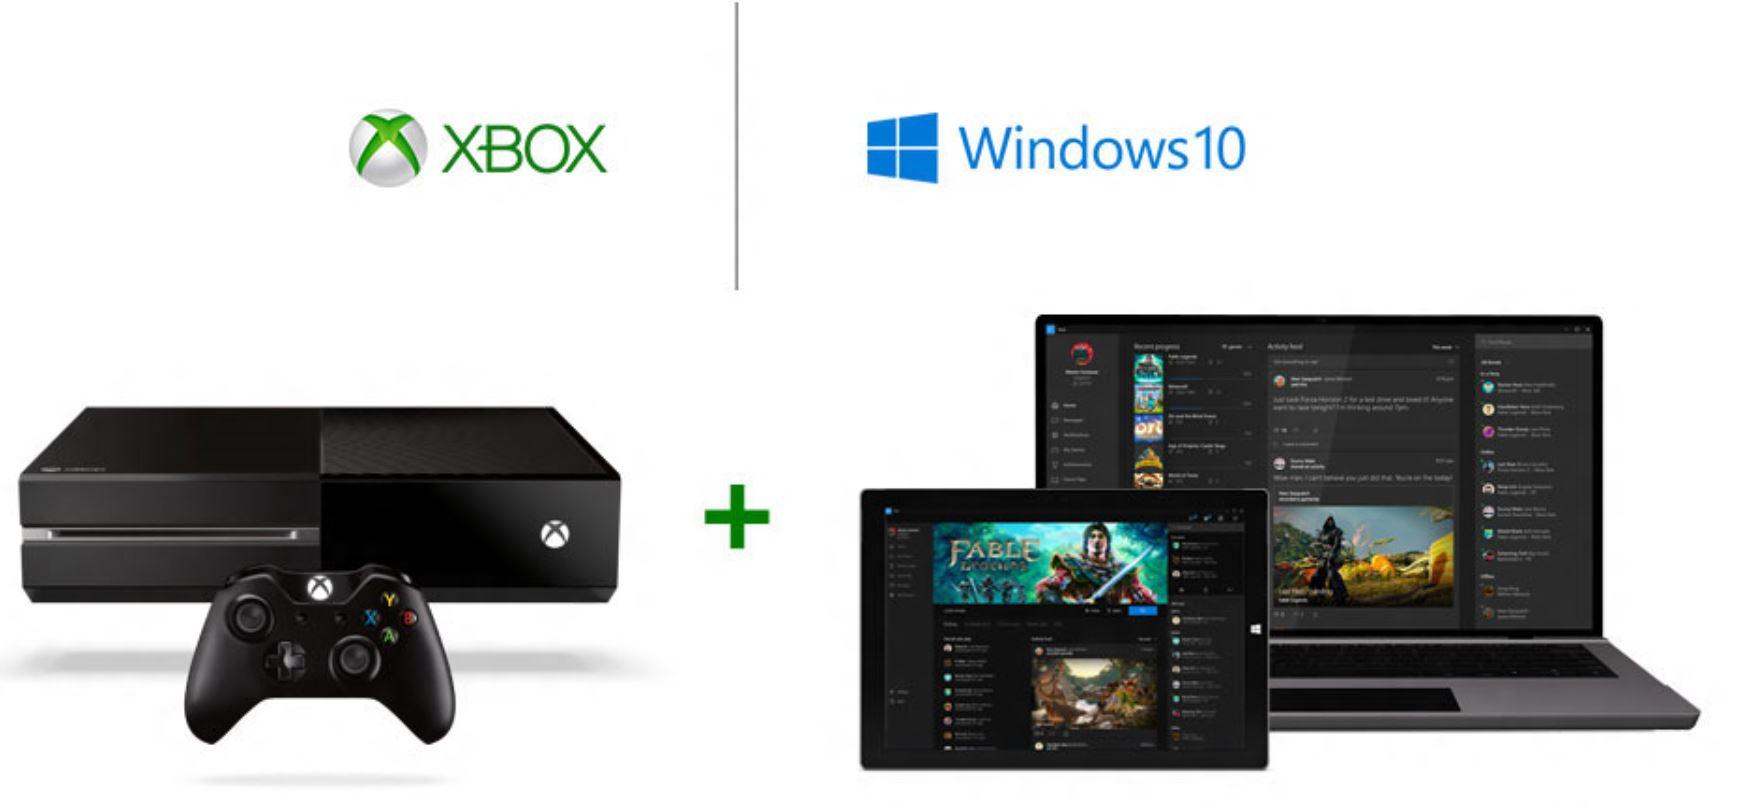 Windows Store: in arrivo le app e i giochi dell'Xbox one | Surface Phone Italia